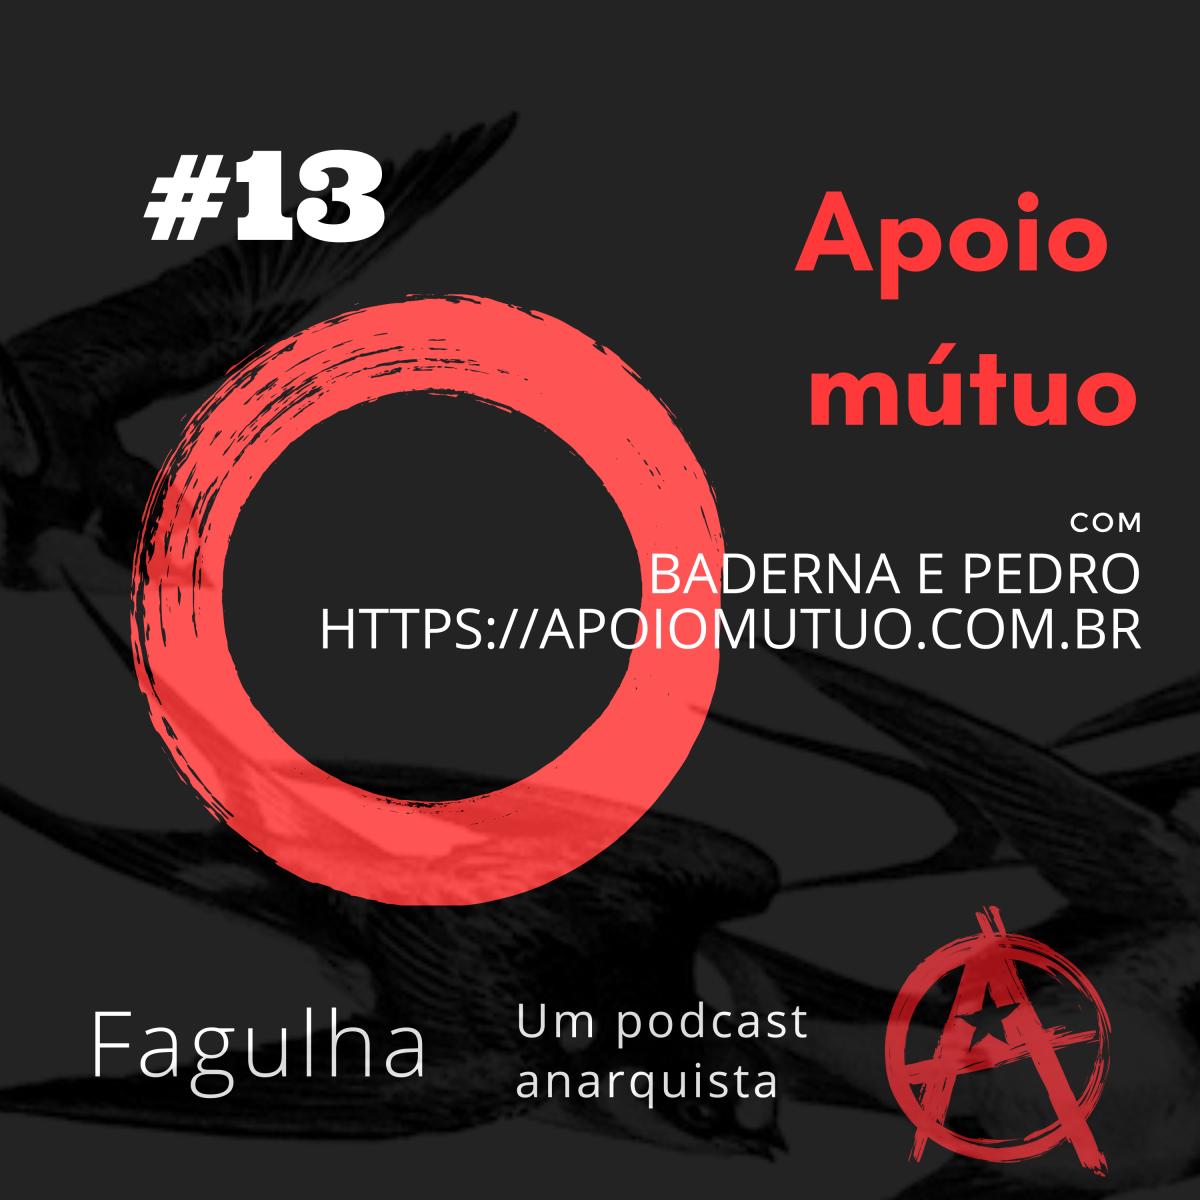 #13: Apoio mútuo, com Baderna e Pedro (https://apoiomutuo.com.br)